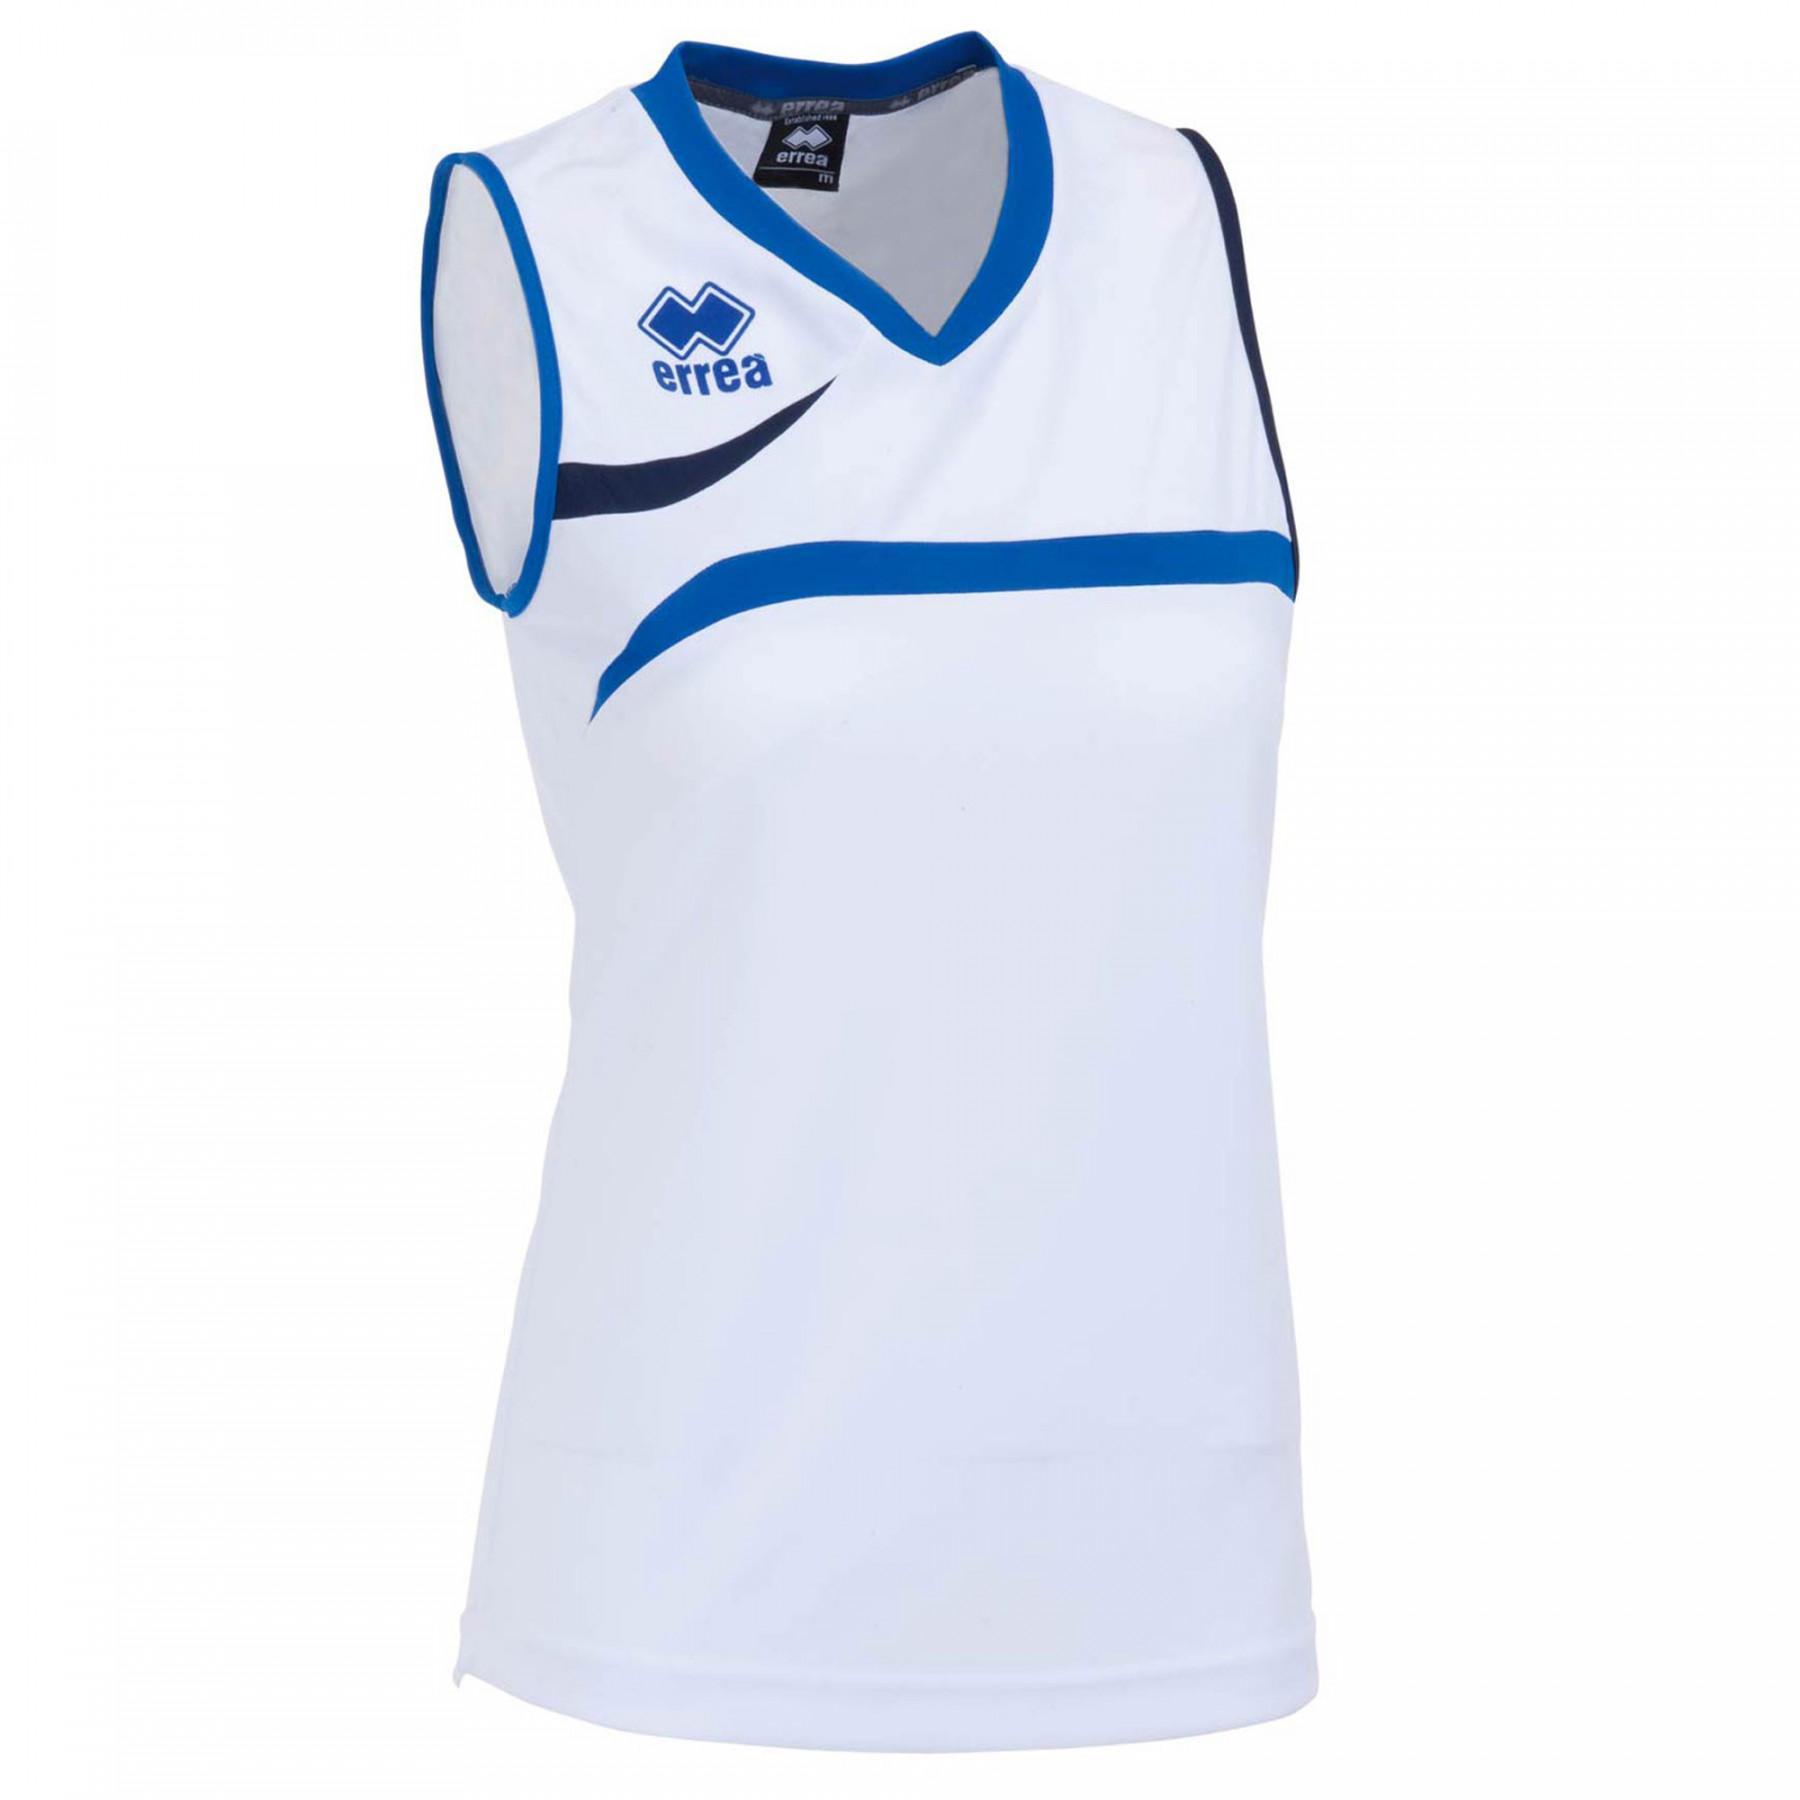 Errea vitoria girl's jersey